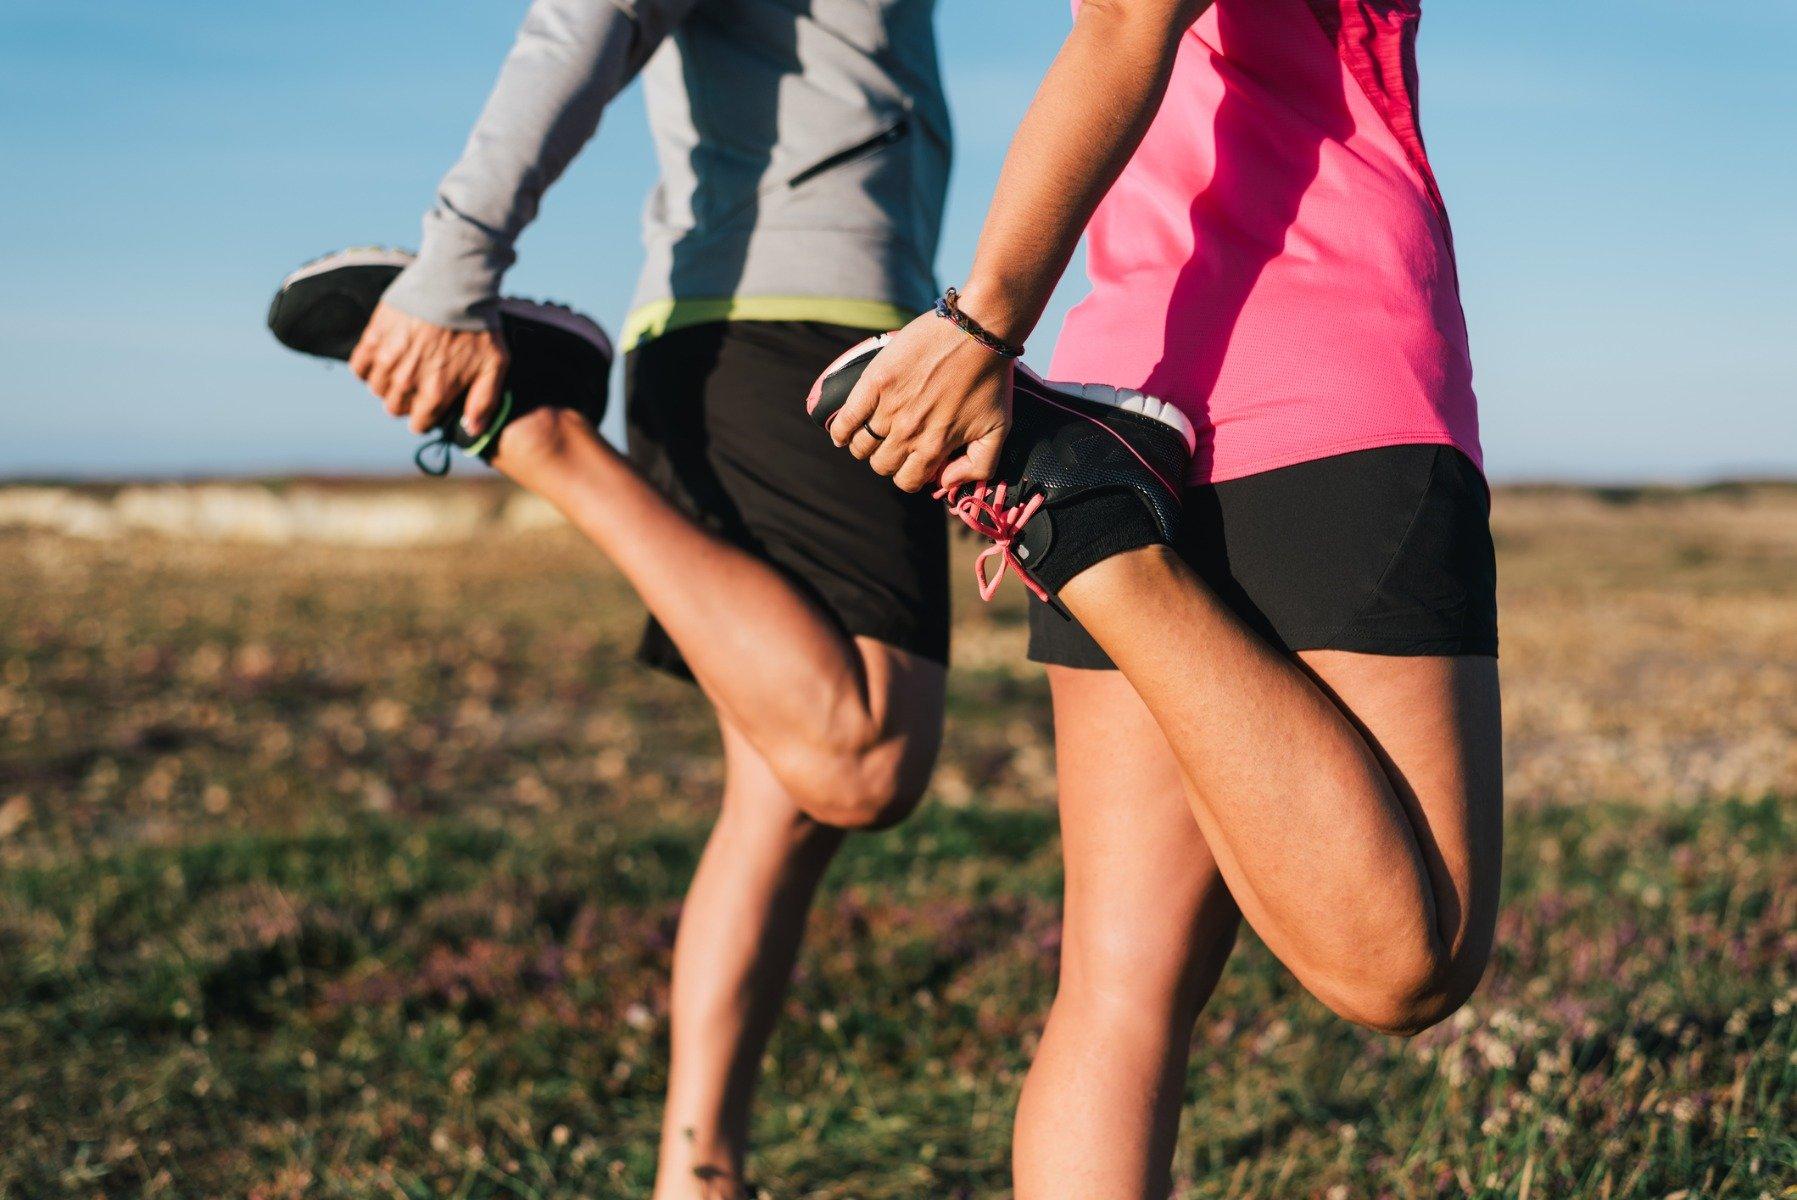 Térdfájdalom: Milyen sportot válasszon?